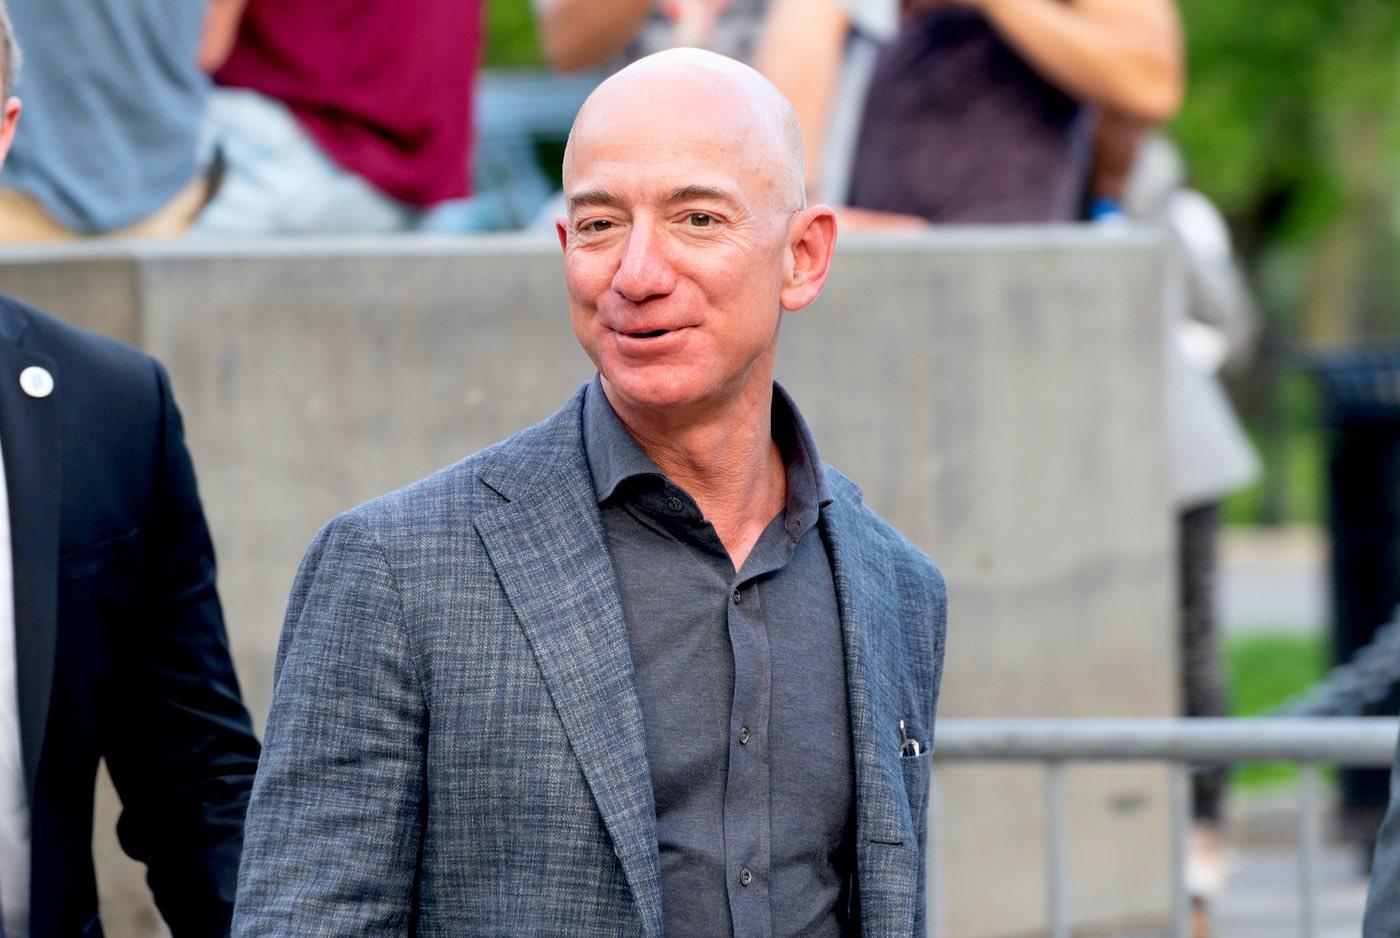 La fortuna de Jeff Bezos sobrepasa ahora los $200 BILLONES